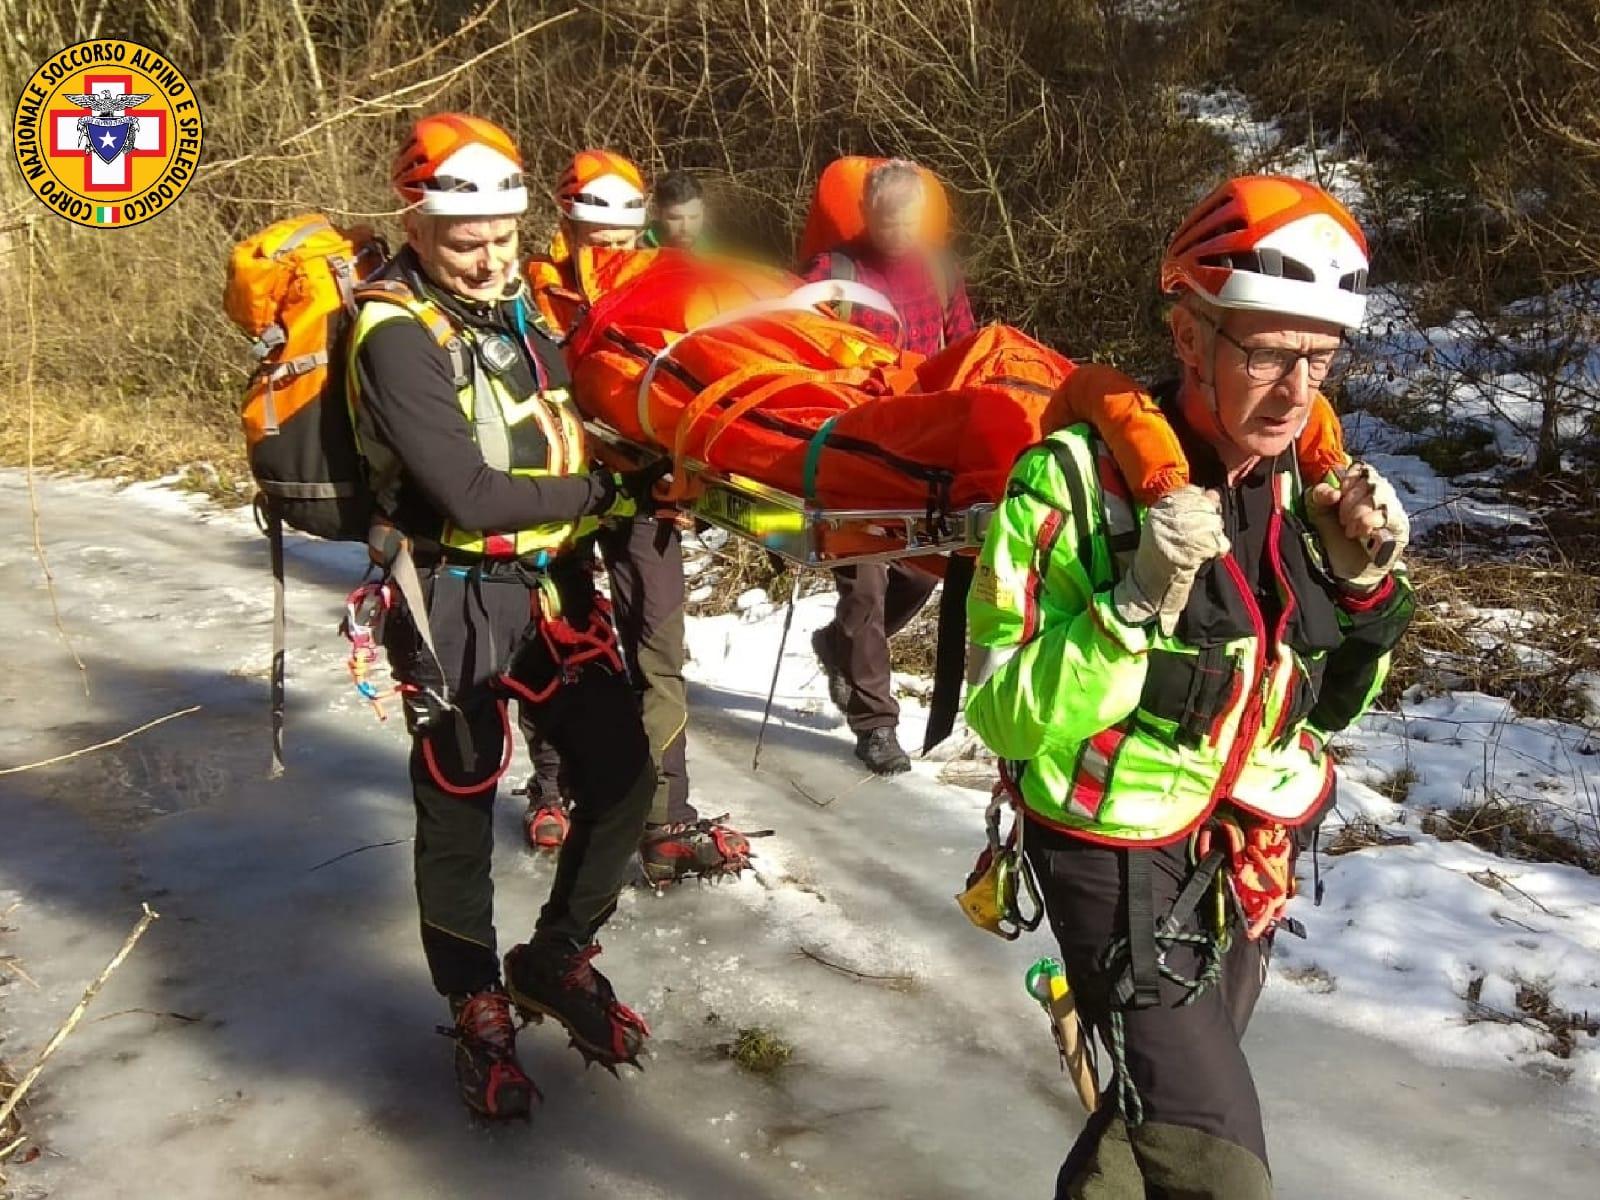 Escursionista infortunata al Vajo dell'Anguilla. La donna, una 54enne veronese, ha riportato un probabile trauma alla caviglia dopo essere scivolata sul ghiaccio.